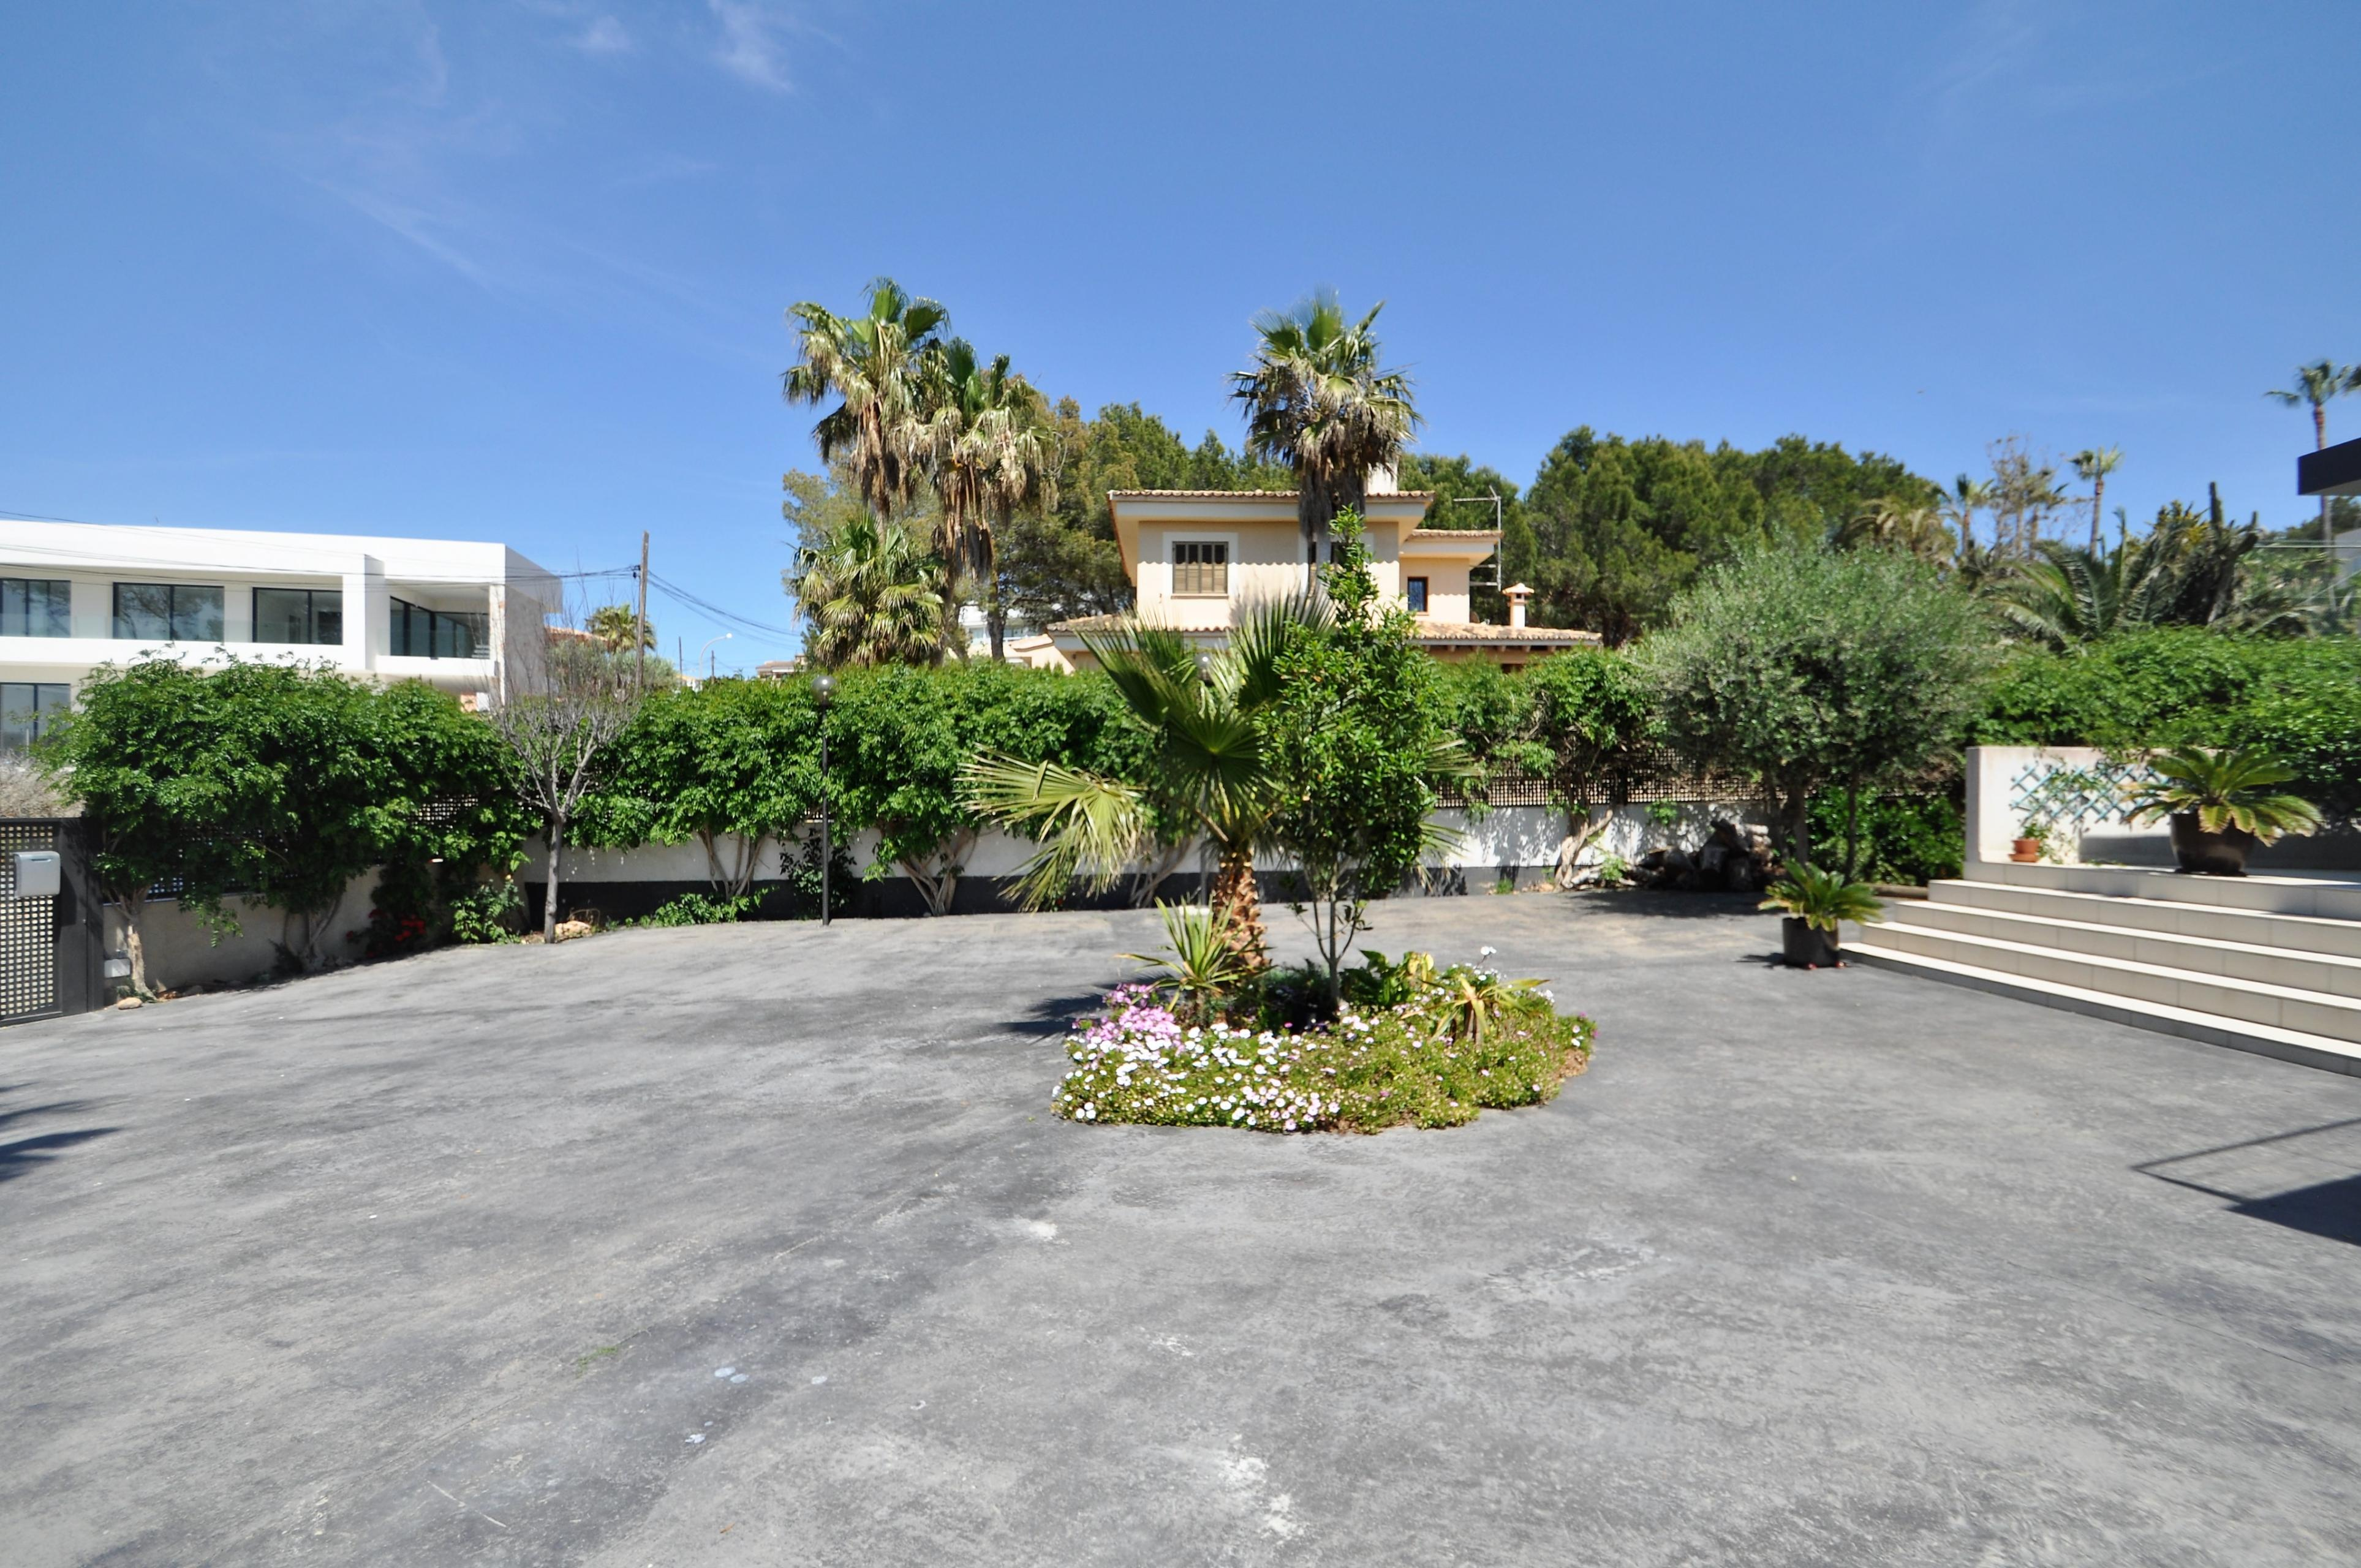 Maison de vacances VILLA BAY BLUE- Bahia Azul- Mallorca - VILLAONLINE - Kostenloses WLAN (2684052), Bahia Azul, Majorque, Iles Baléares, Espagne, image 55